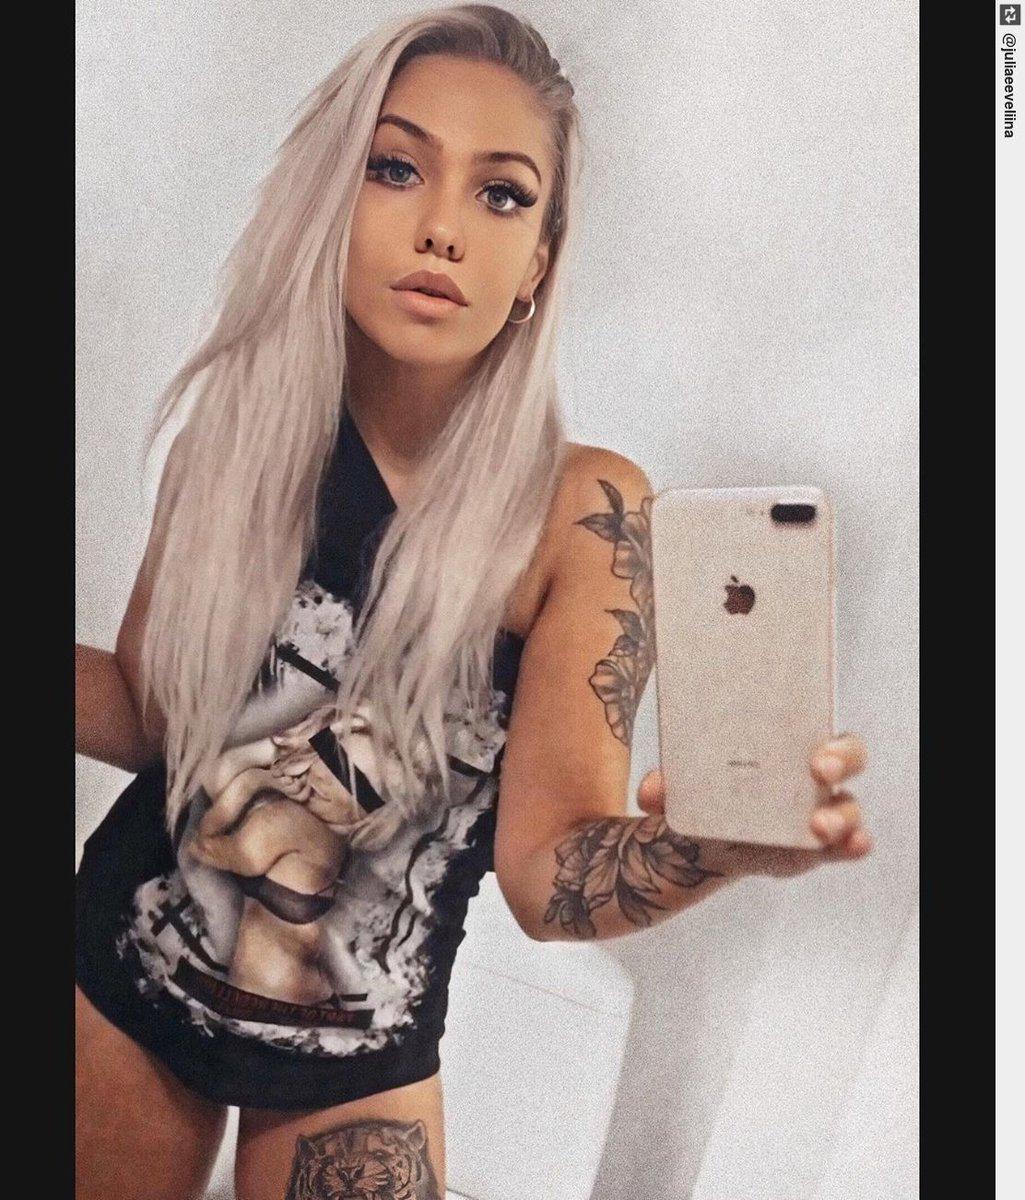 Me and my super messy hair. #monday #newweek #messyhair #tattoogirl #tattoo #tattooart #tattoos #tattoodesignpic.twitter.com/jFYPyZSGv1